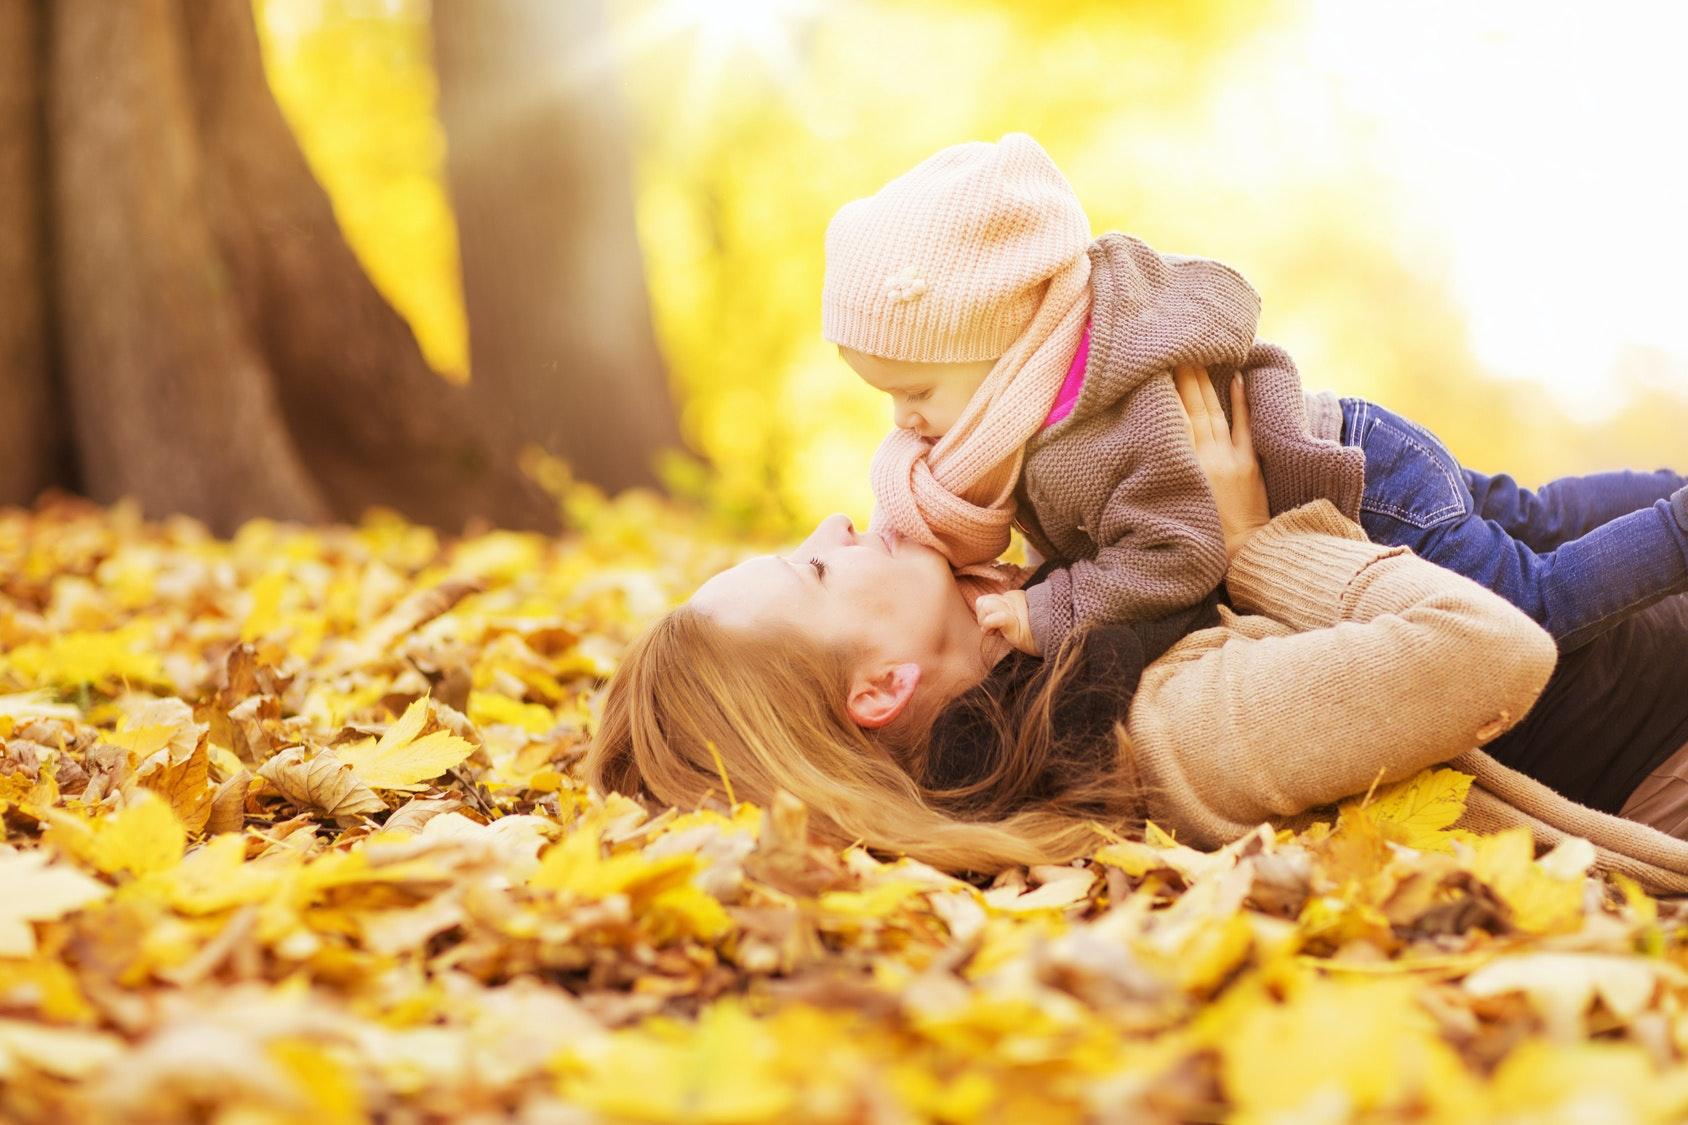 Mères au foyer : des idées pour ne pas s'isoler - PARENTS.fr